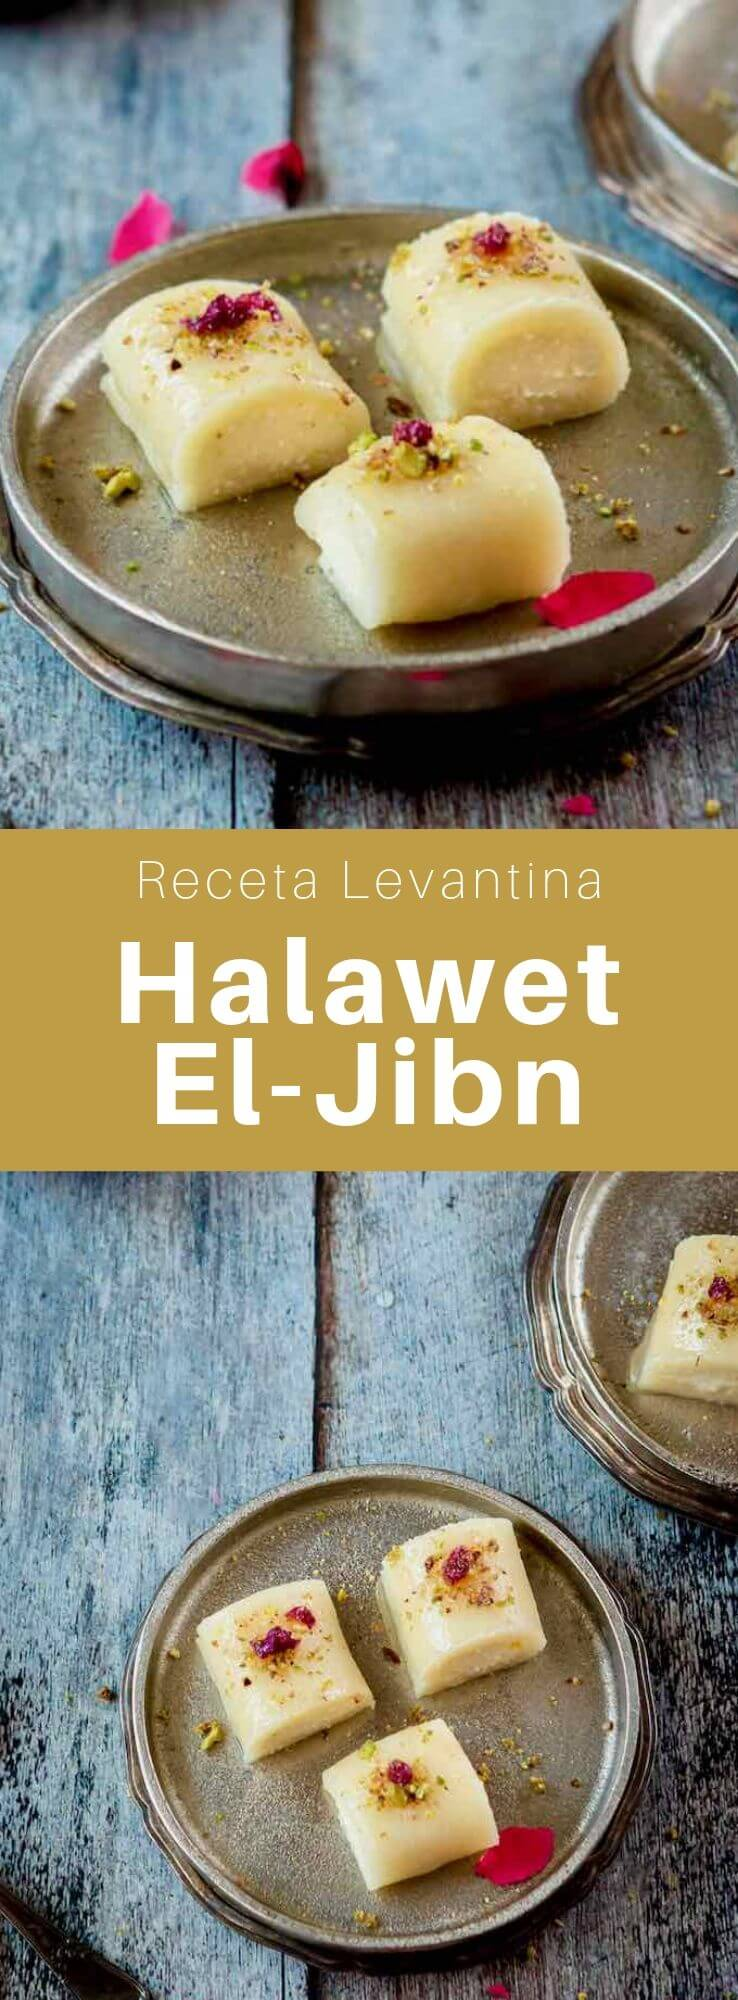 El halawet el-jibn es un postre tradicional levantino y del Medio Oriente de origen sirio hecho con masa de sémola y queso, cubierto con crema y jarabe de azúcar.